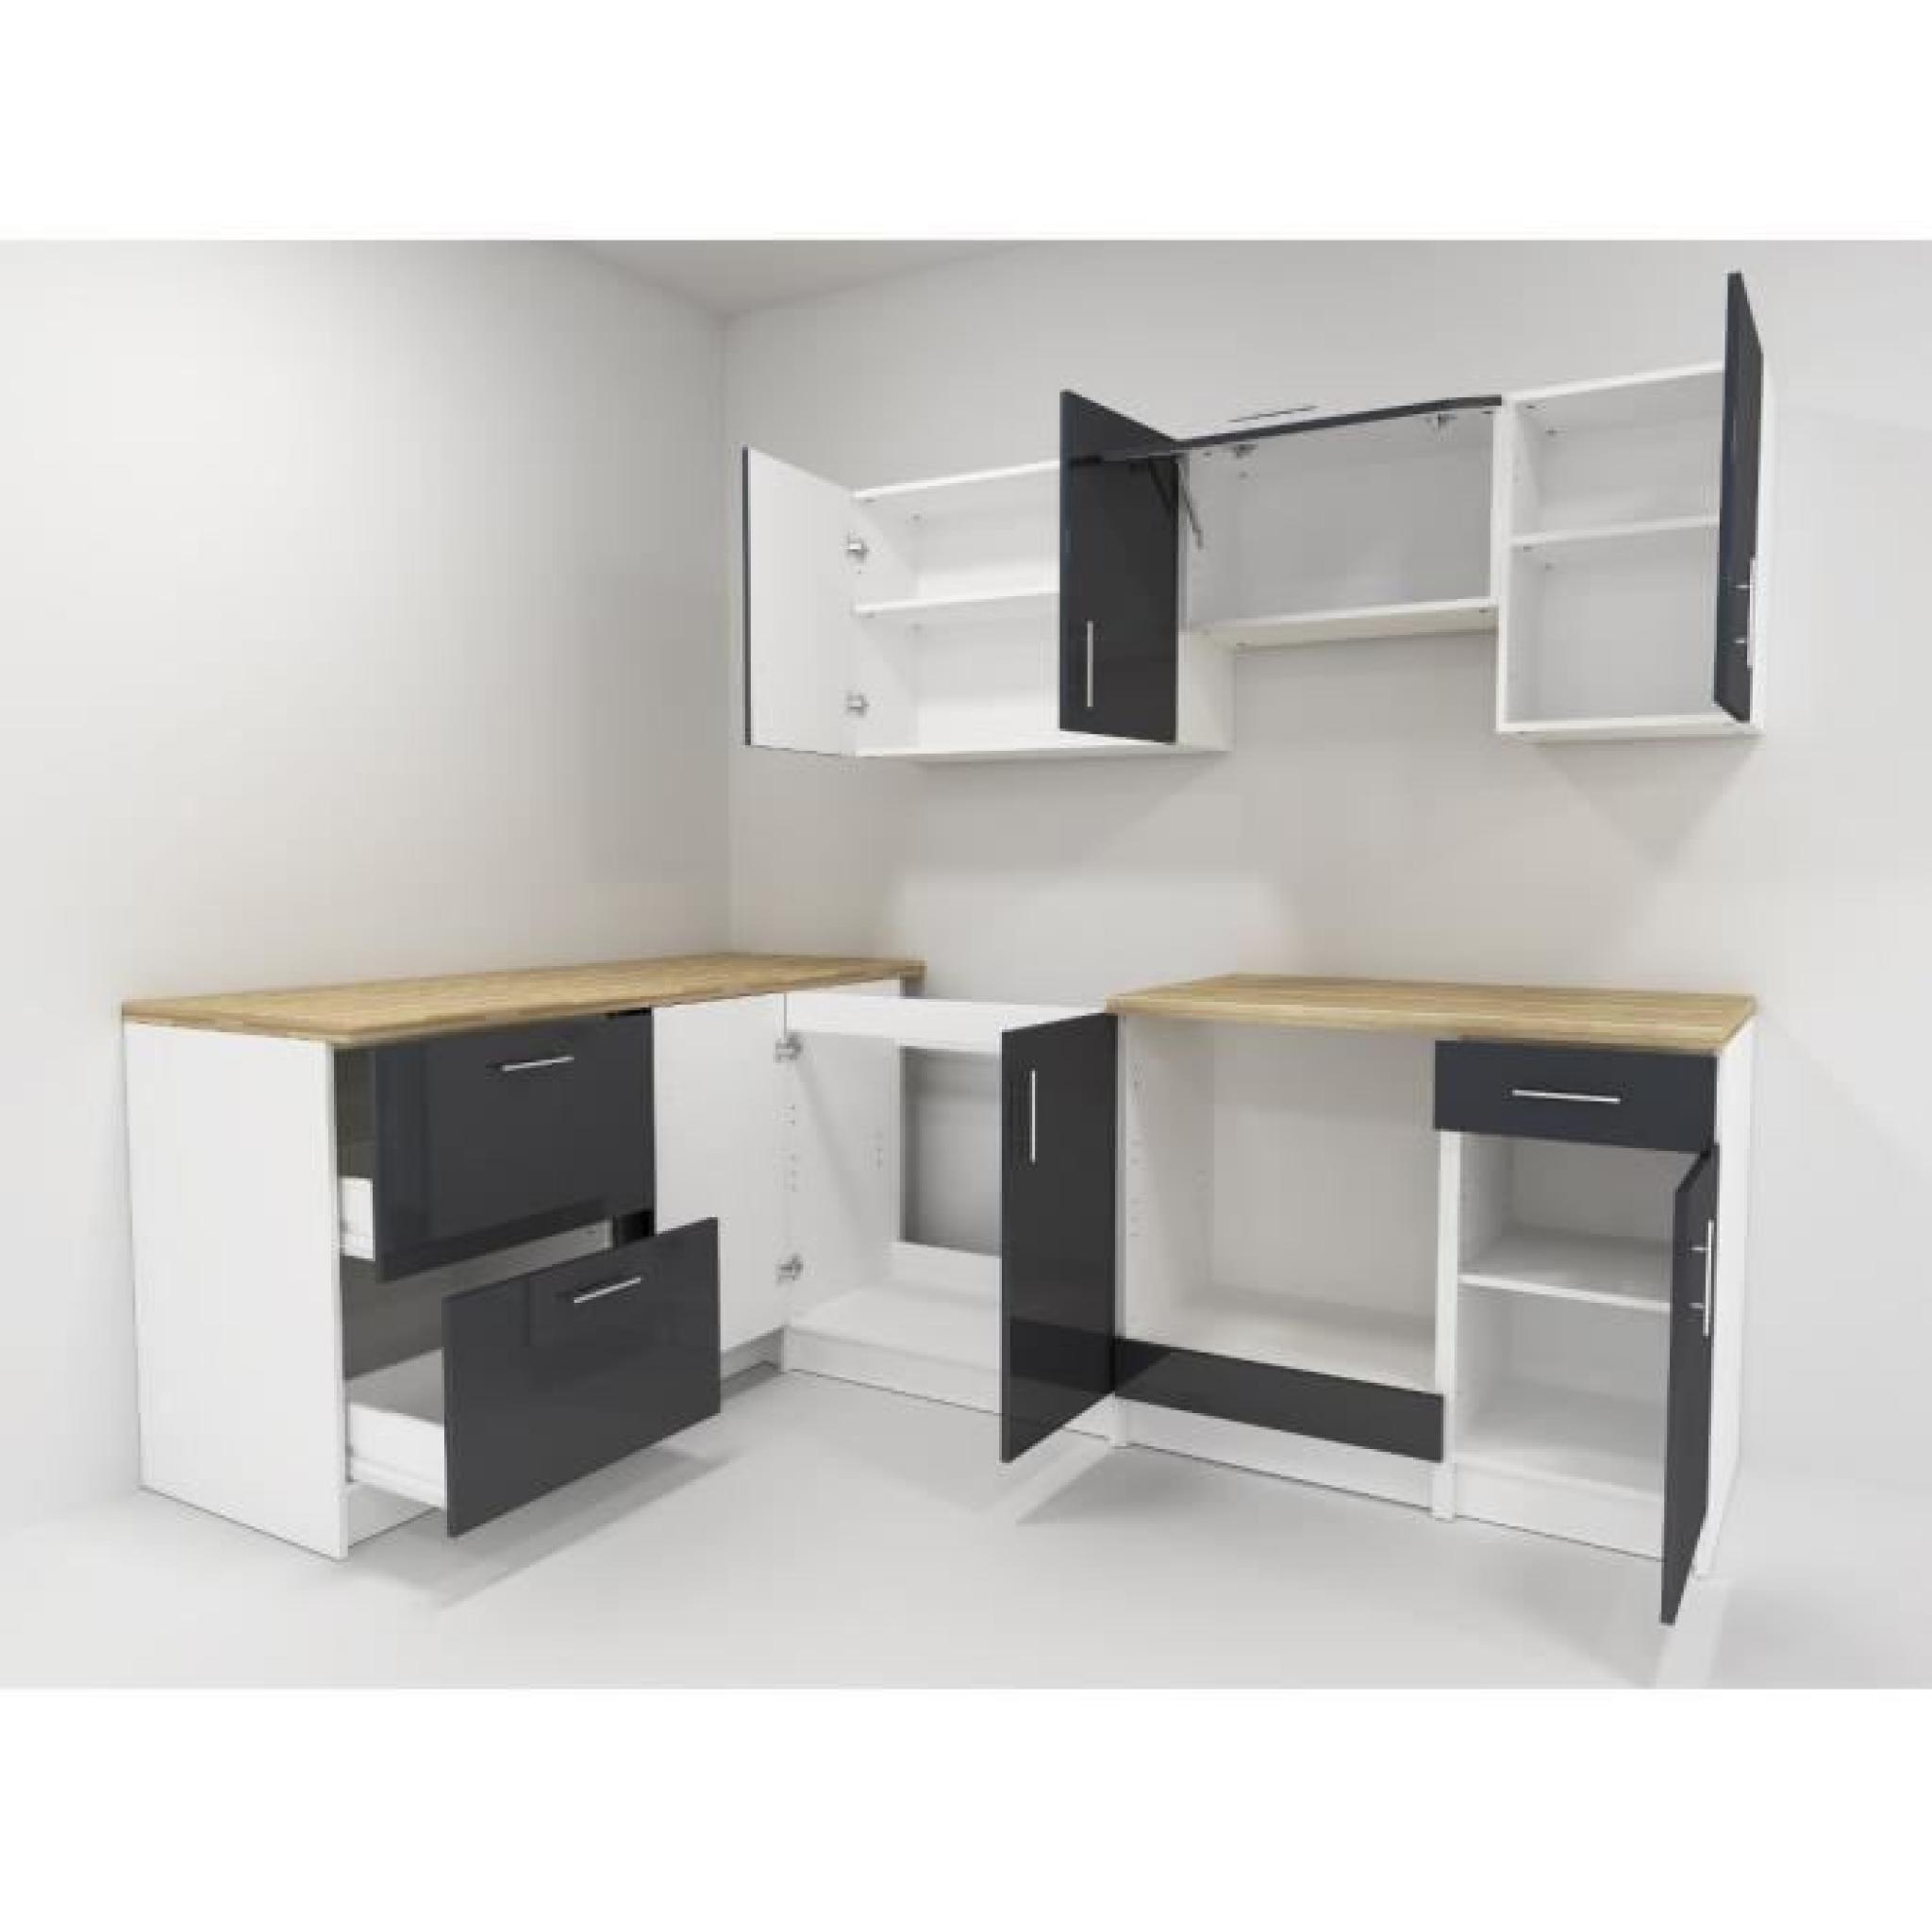 cosy cuisine compl te 2m80 laqu gris achat vente cuisine complete pas cher couleur et. Black Bedroom Furniture Sets. Home Design Ideas